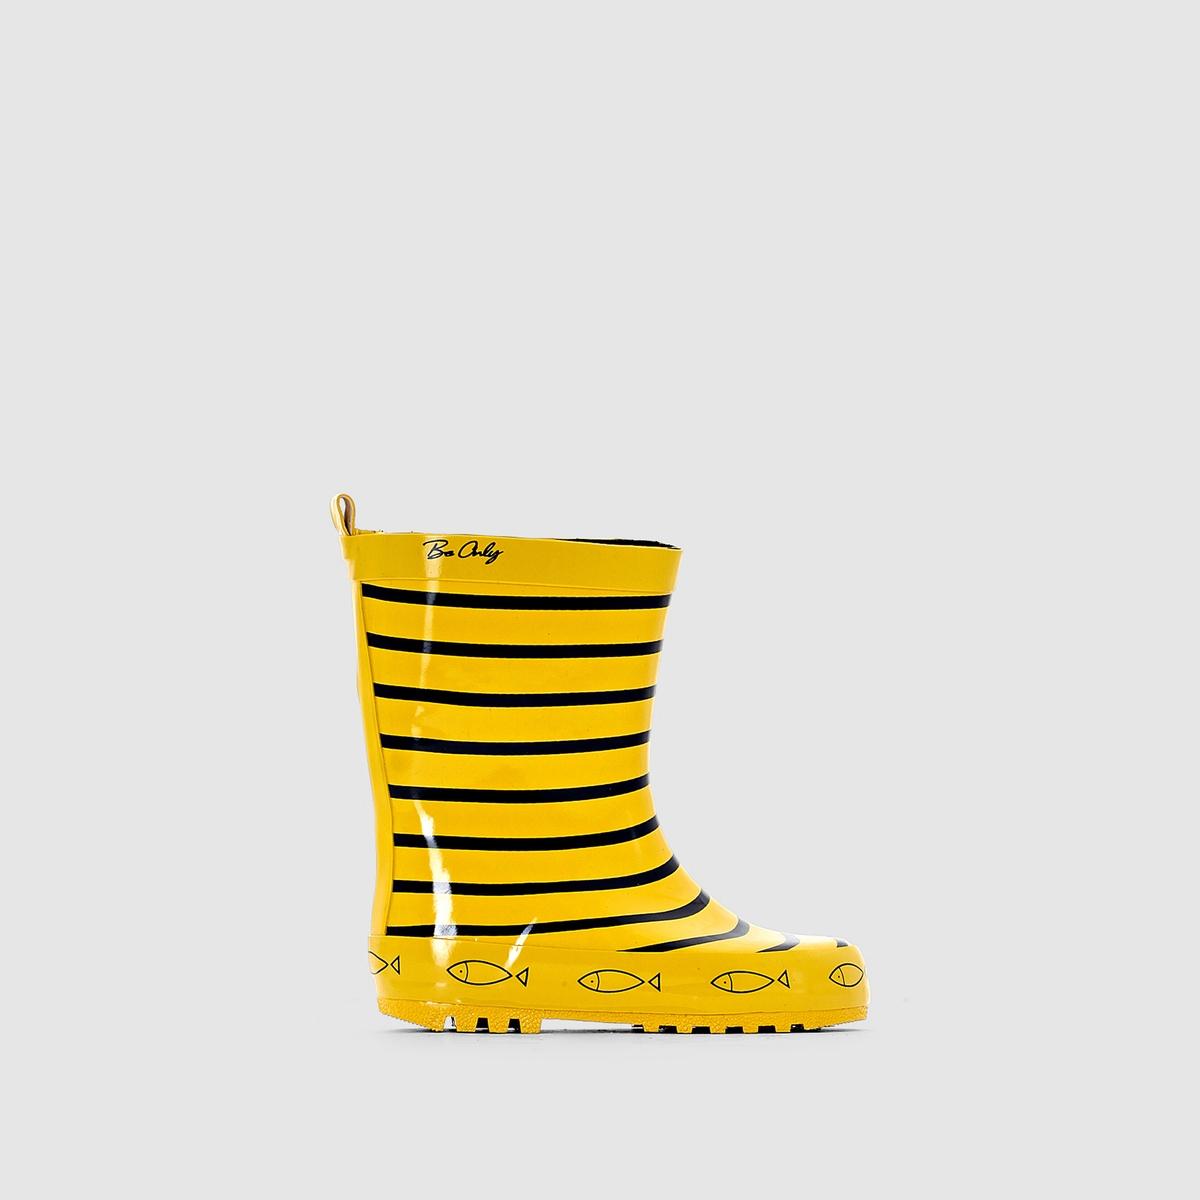 Сапоги резиновыеДетали •  Резиновые сапоги •  Плоский каблук •  Круглый мысок •  Застежка : без застежки •  Гладкая отделкаСостав и уход •  Верх 100% каучук •  Подкладка 100% хлопок •  Стелька 100% текстиль •  Подошва 100% каучук<br><br>Цвет: желтый в полоску